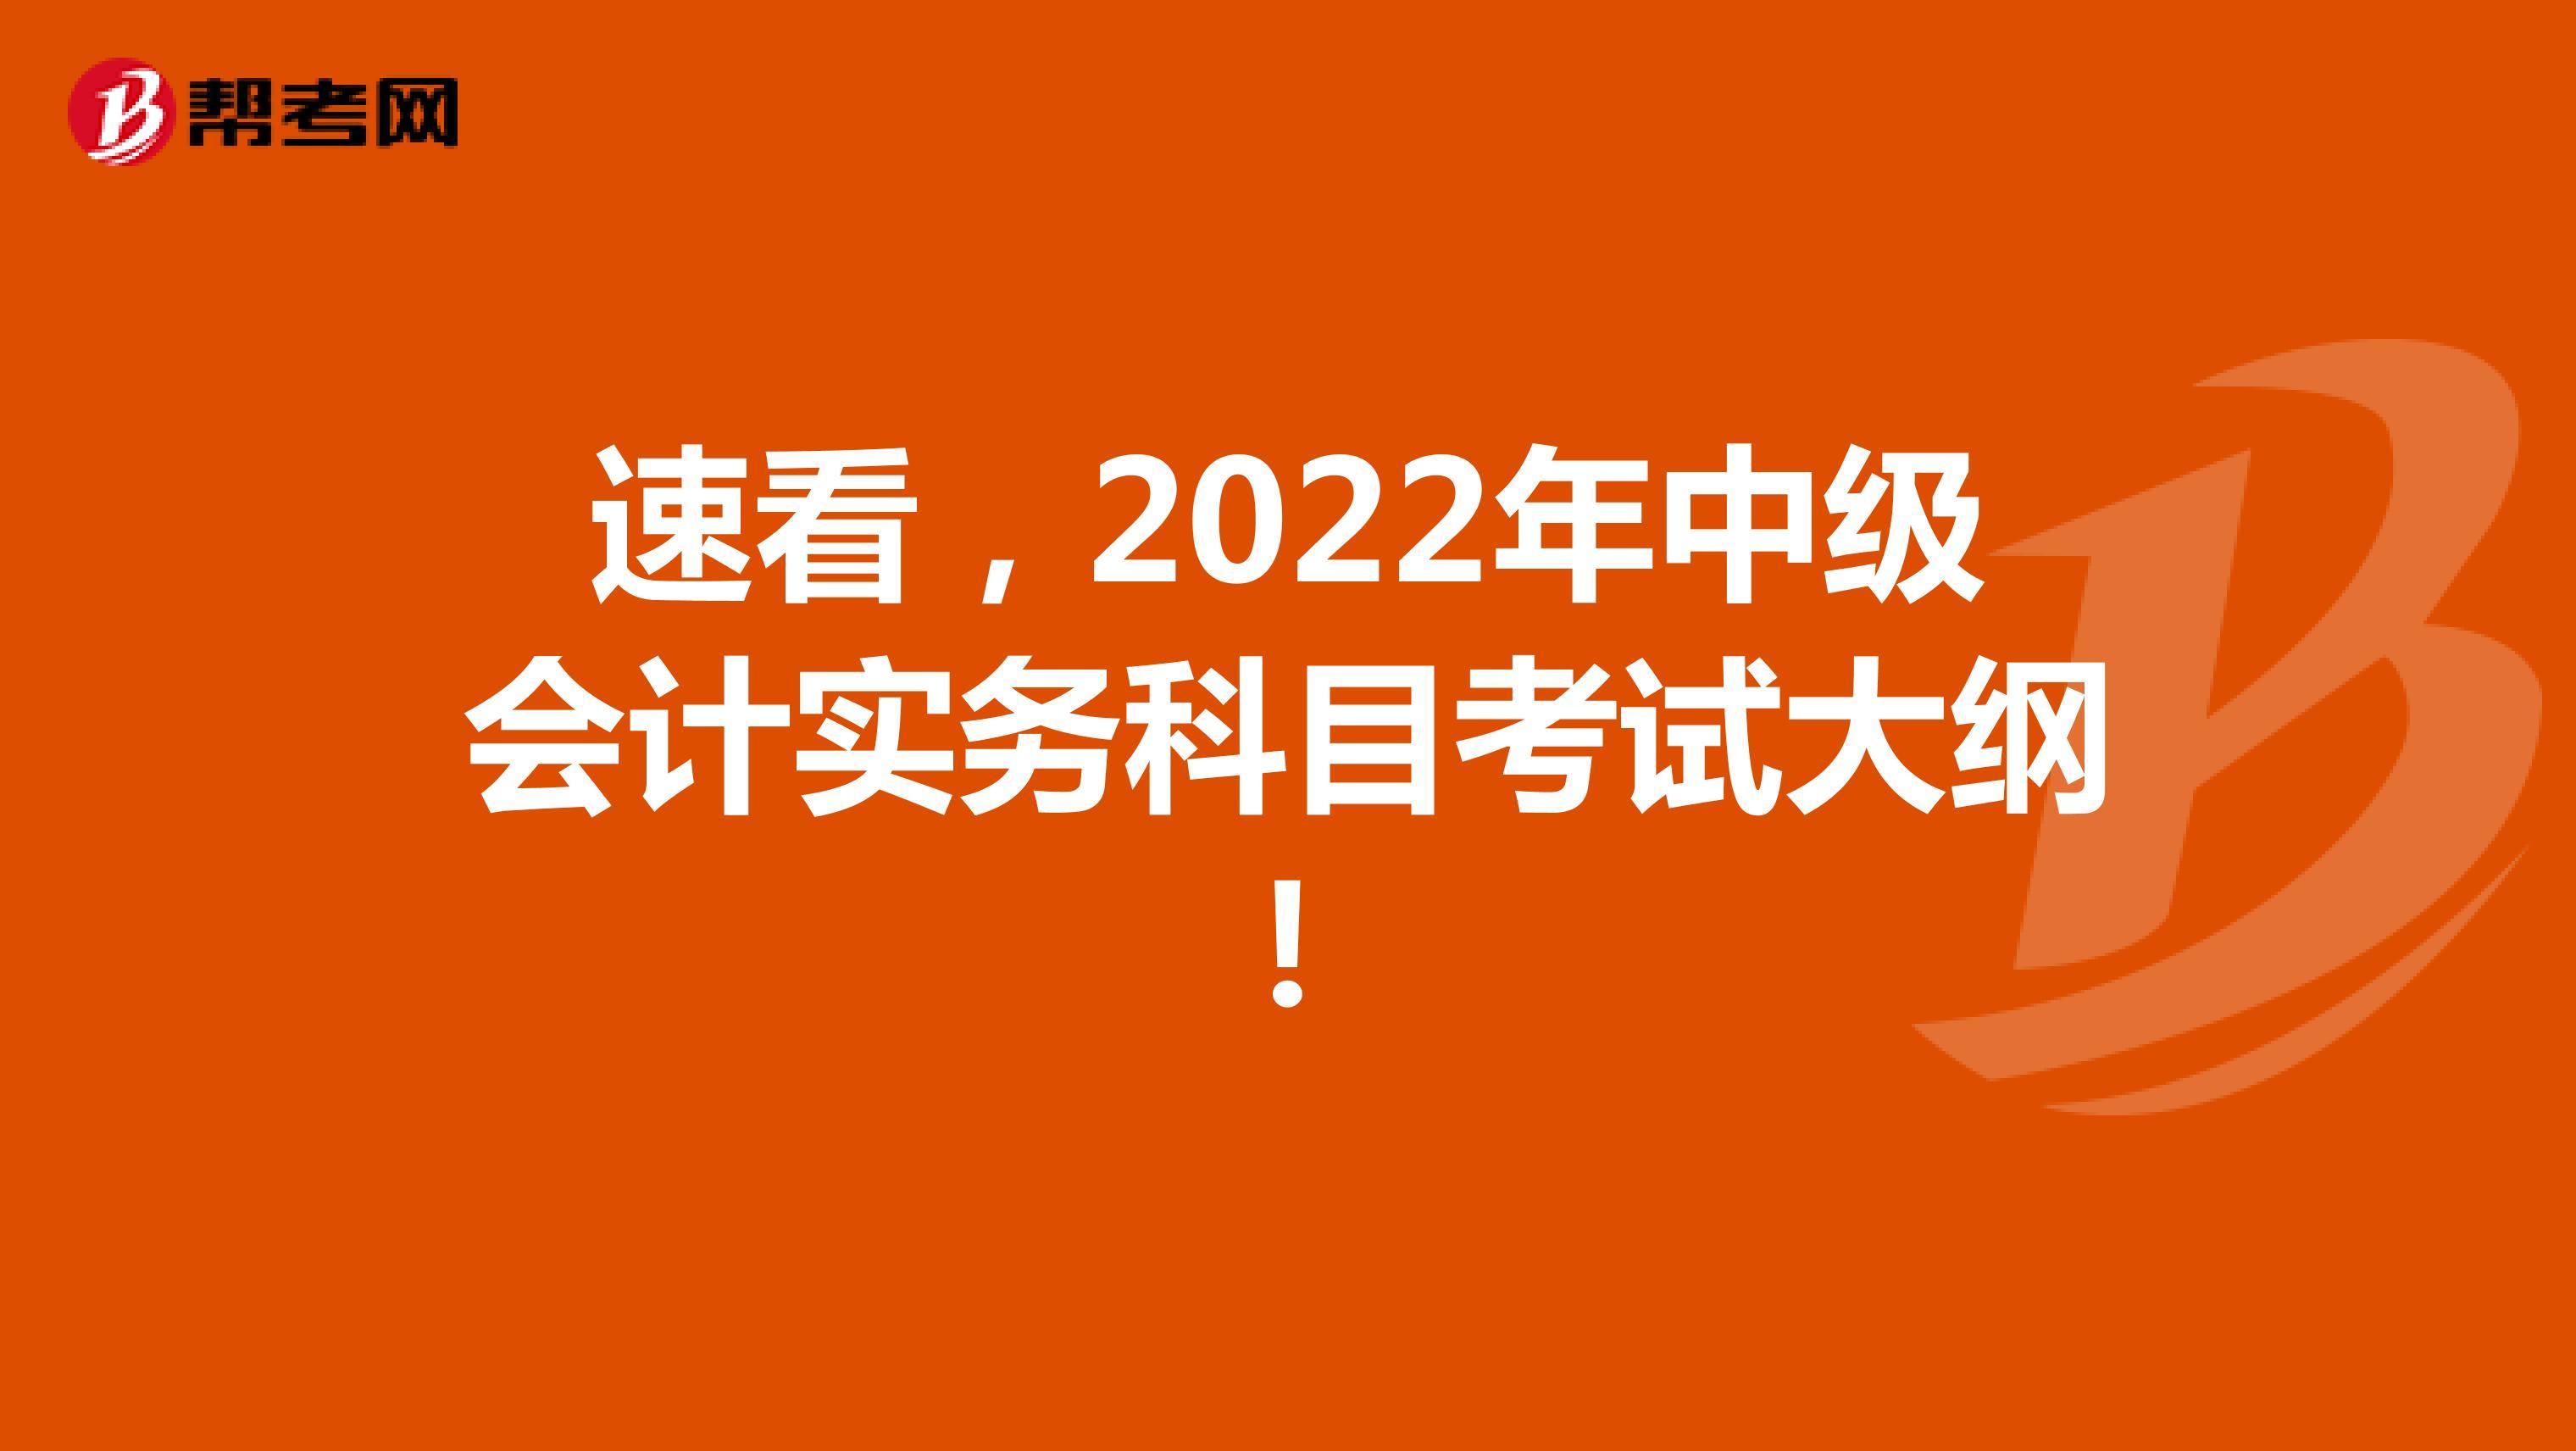 速看,2022年中级会计实务科目考试大纲!